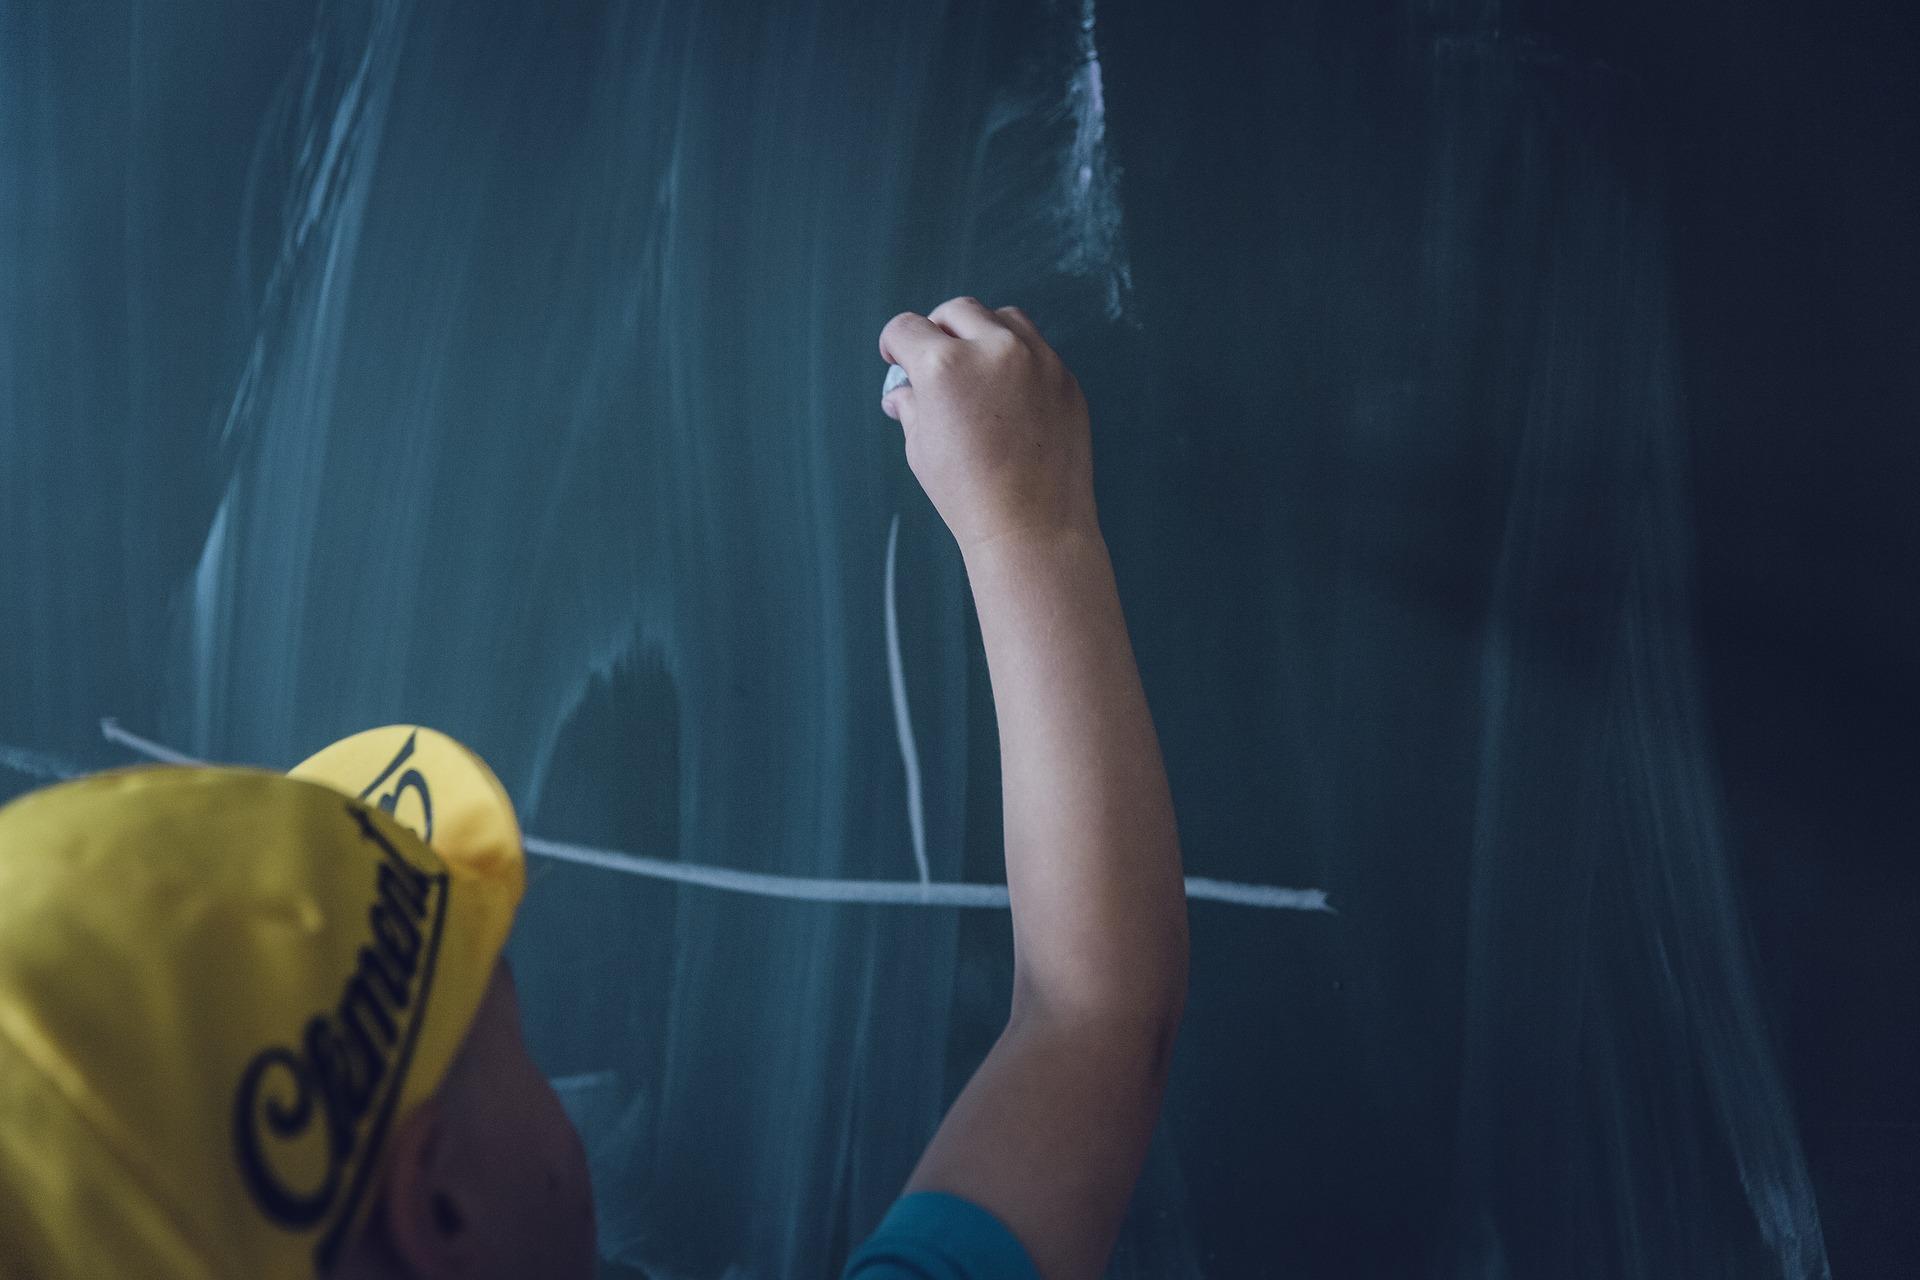 Piemonte, edilizia scolastica: nel 46,3% delle scuole necessari interventi di manutenzione urgente